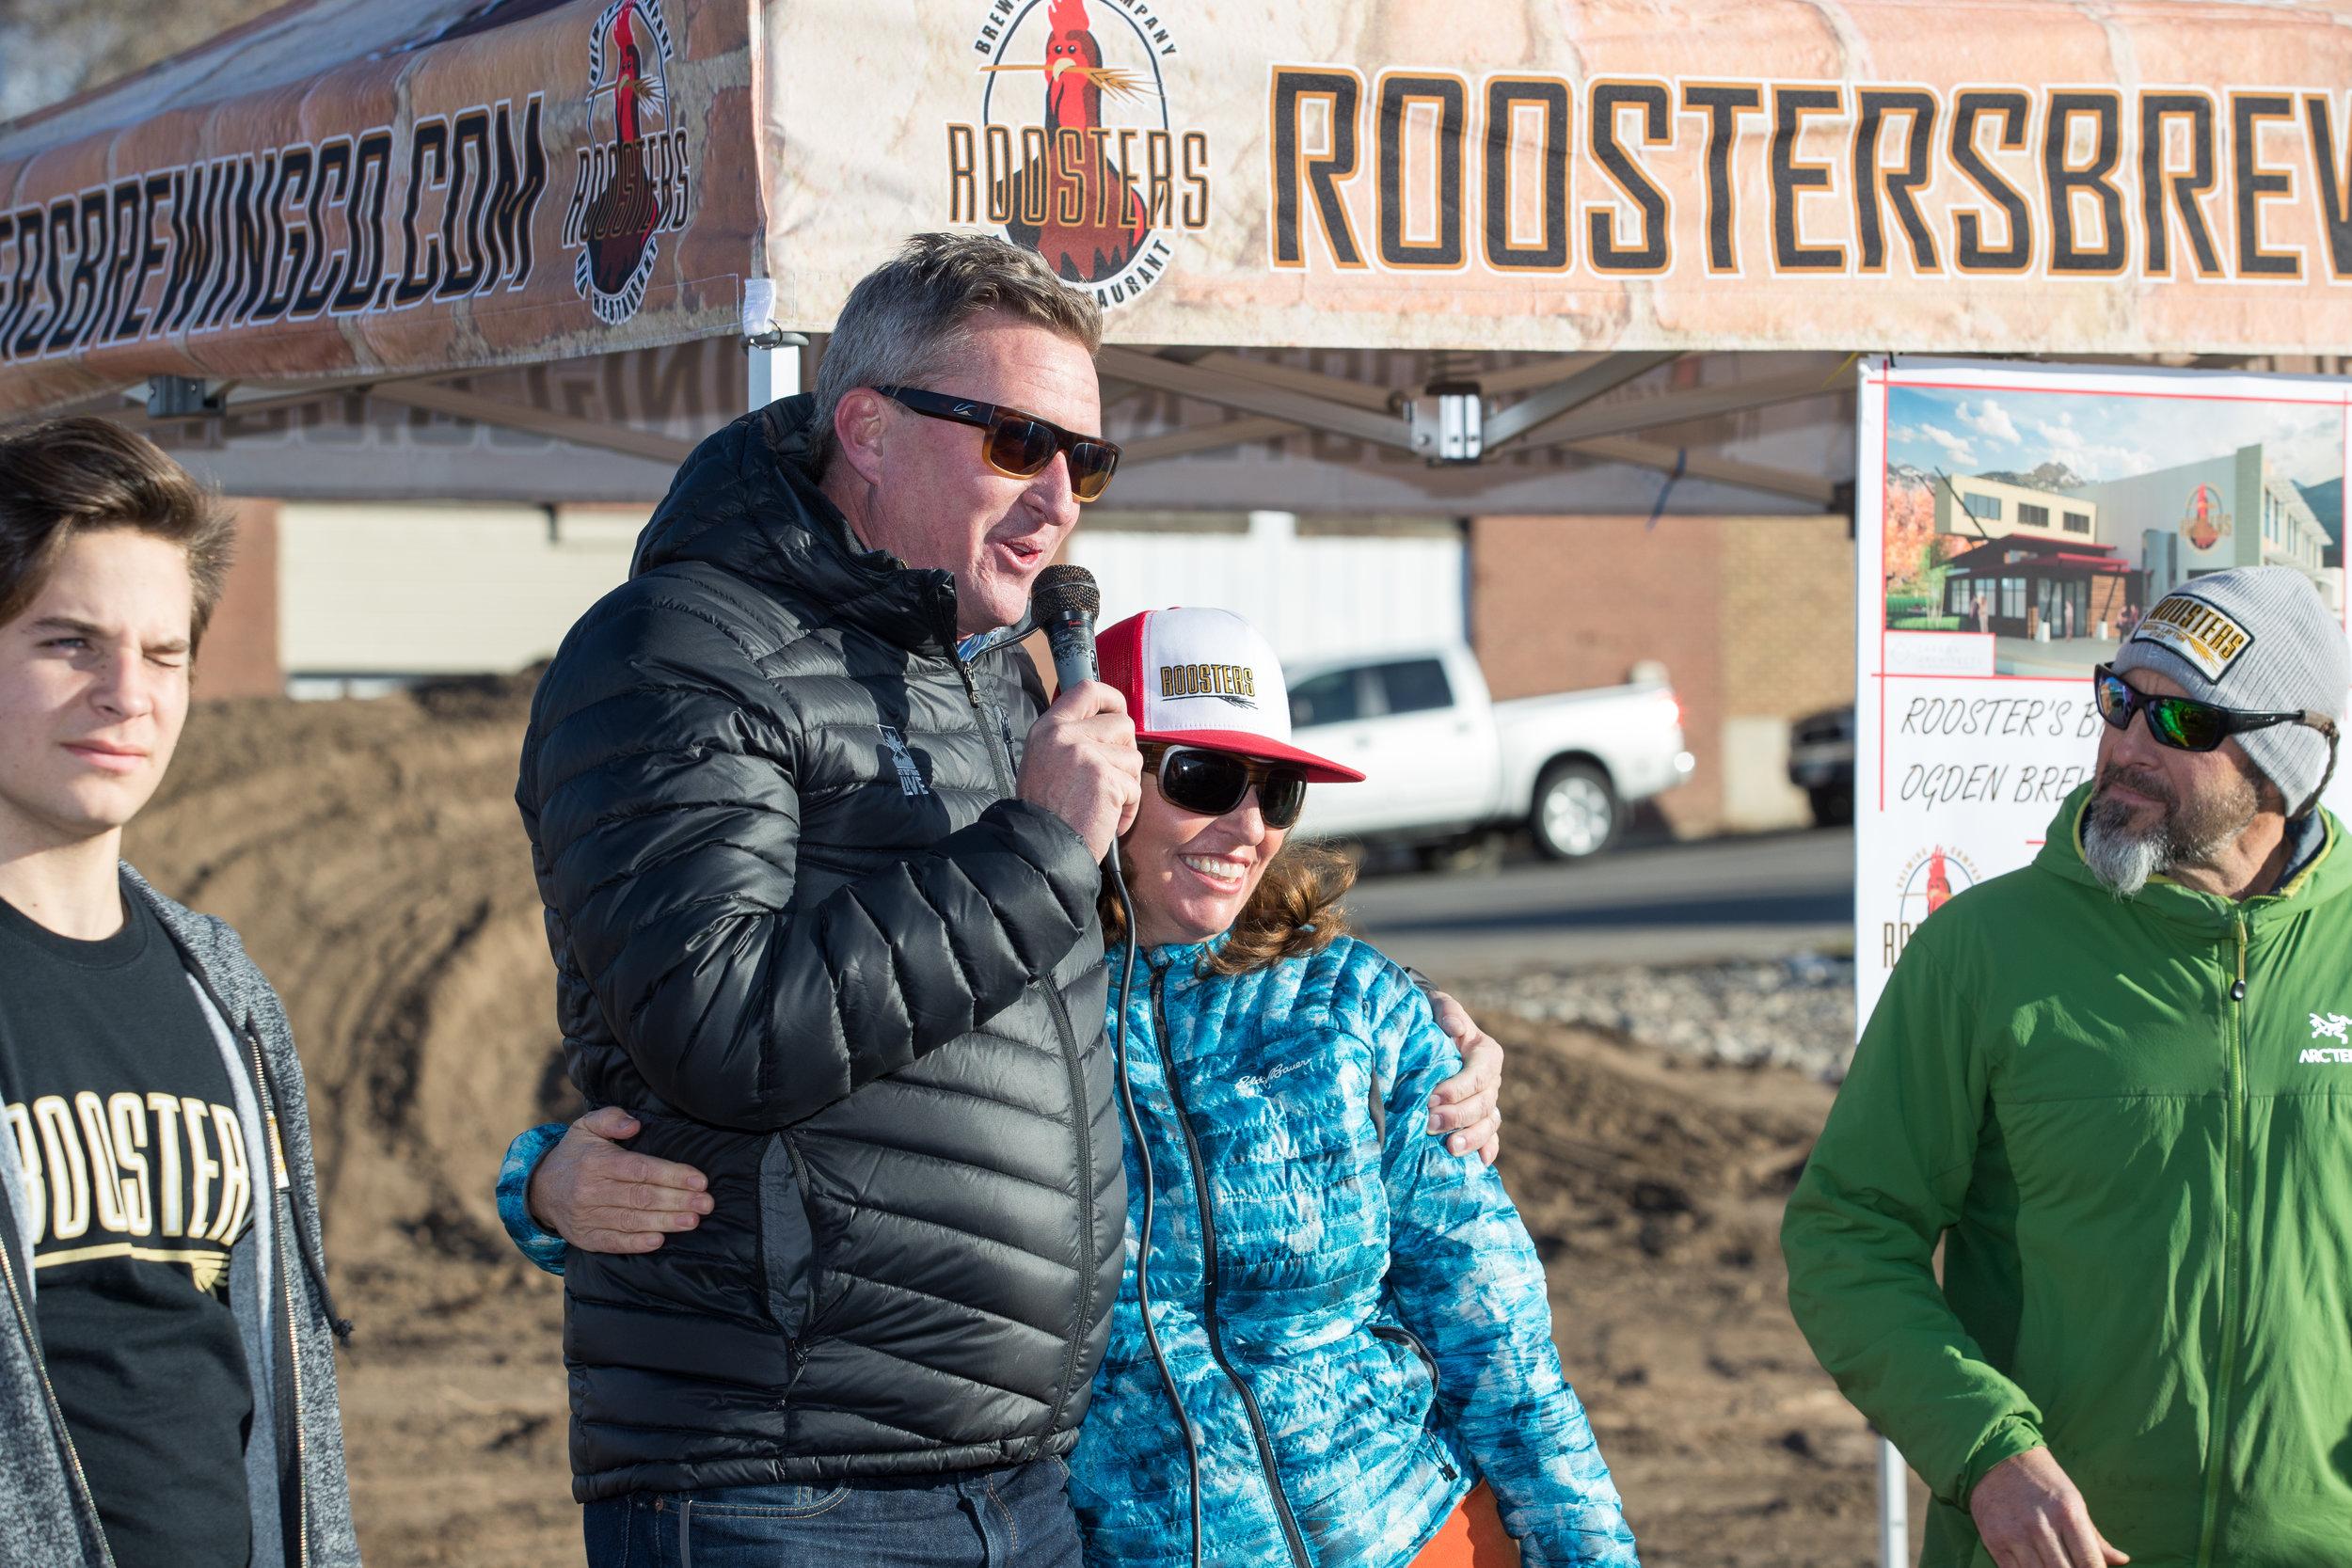 171207_groundbreaking_roosters128.jpg